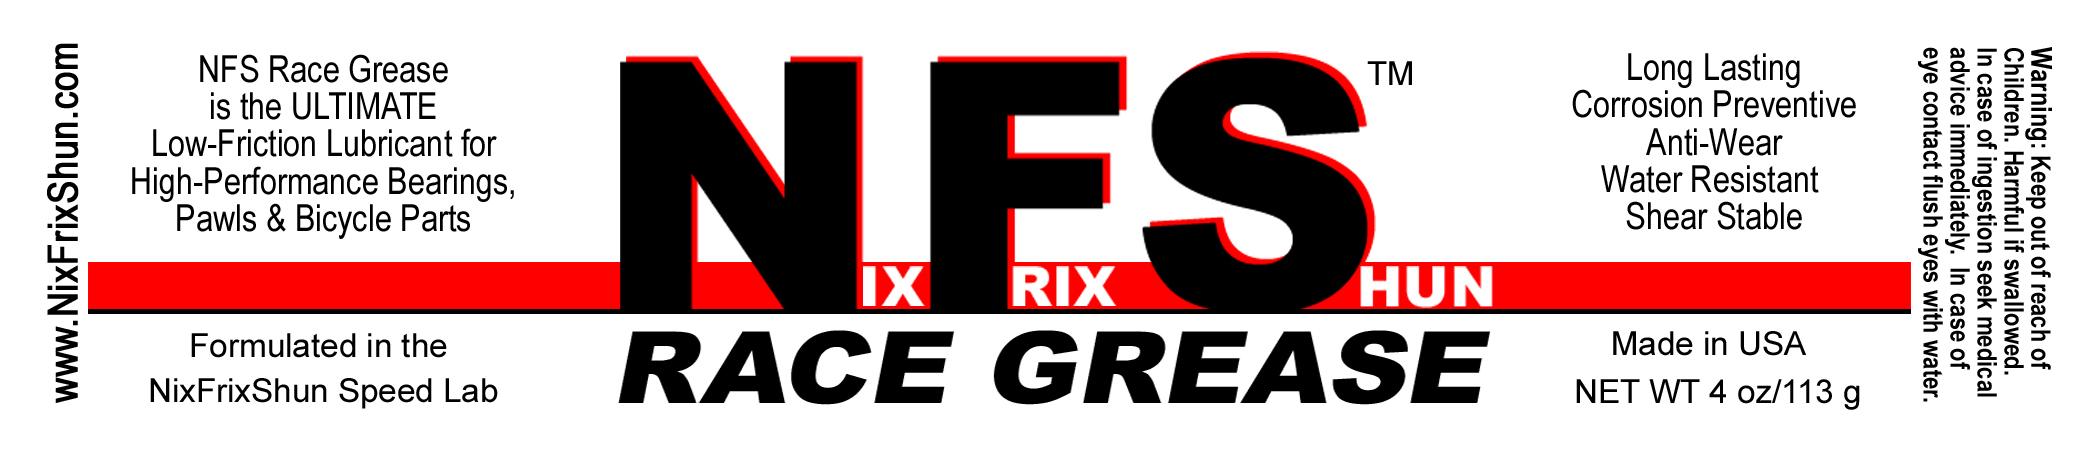 nfs-race-grease-label.jpg